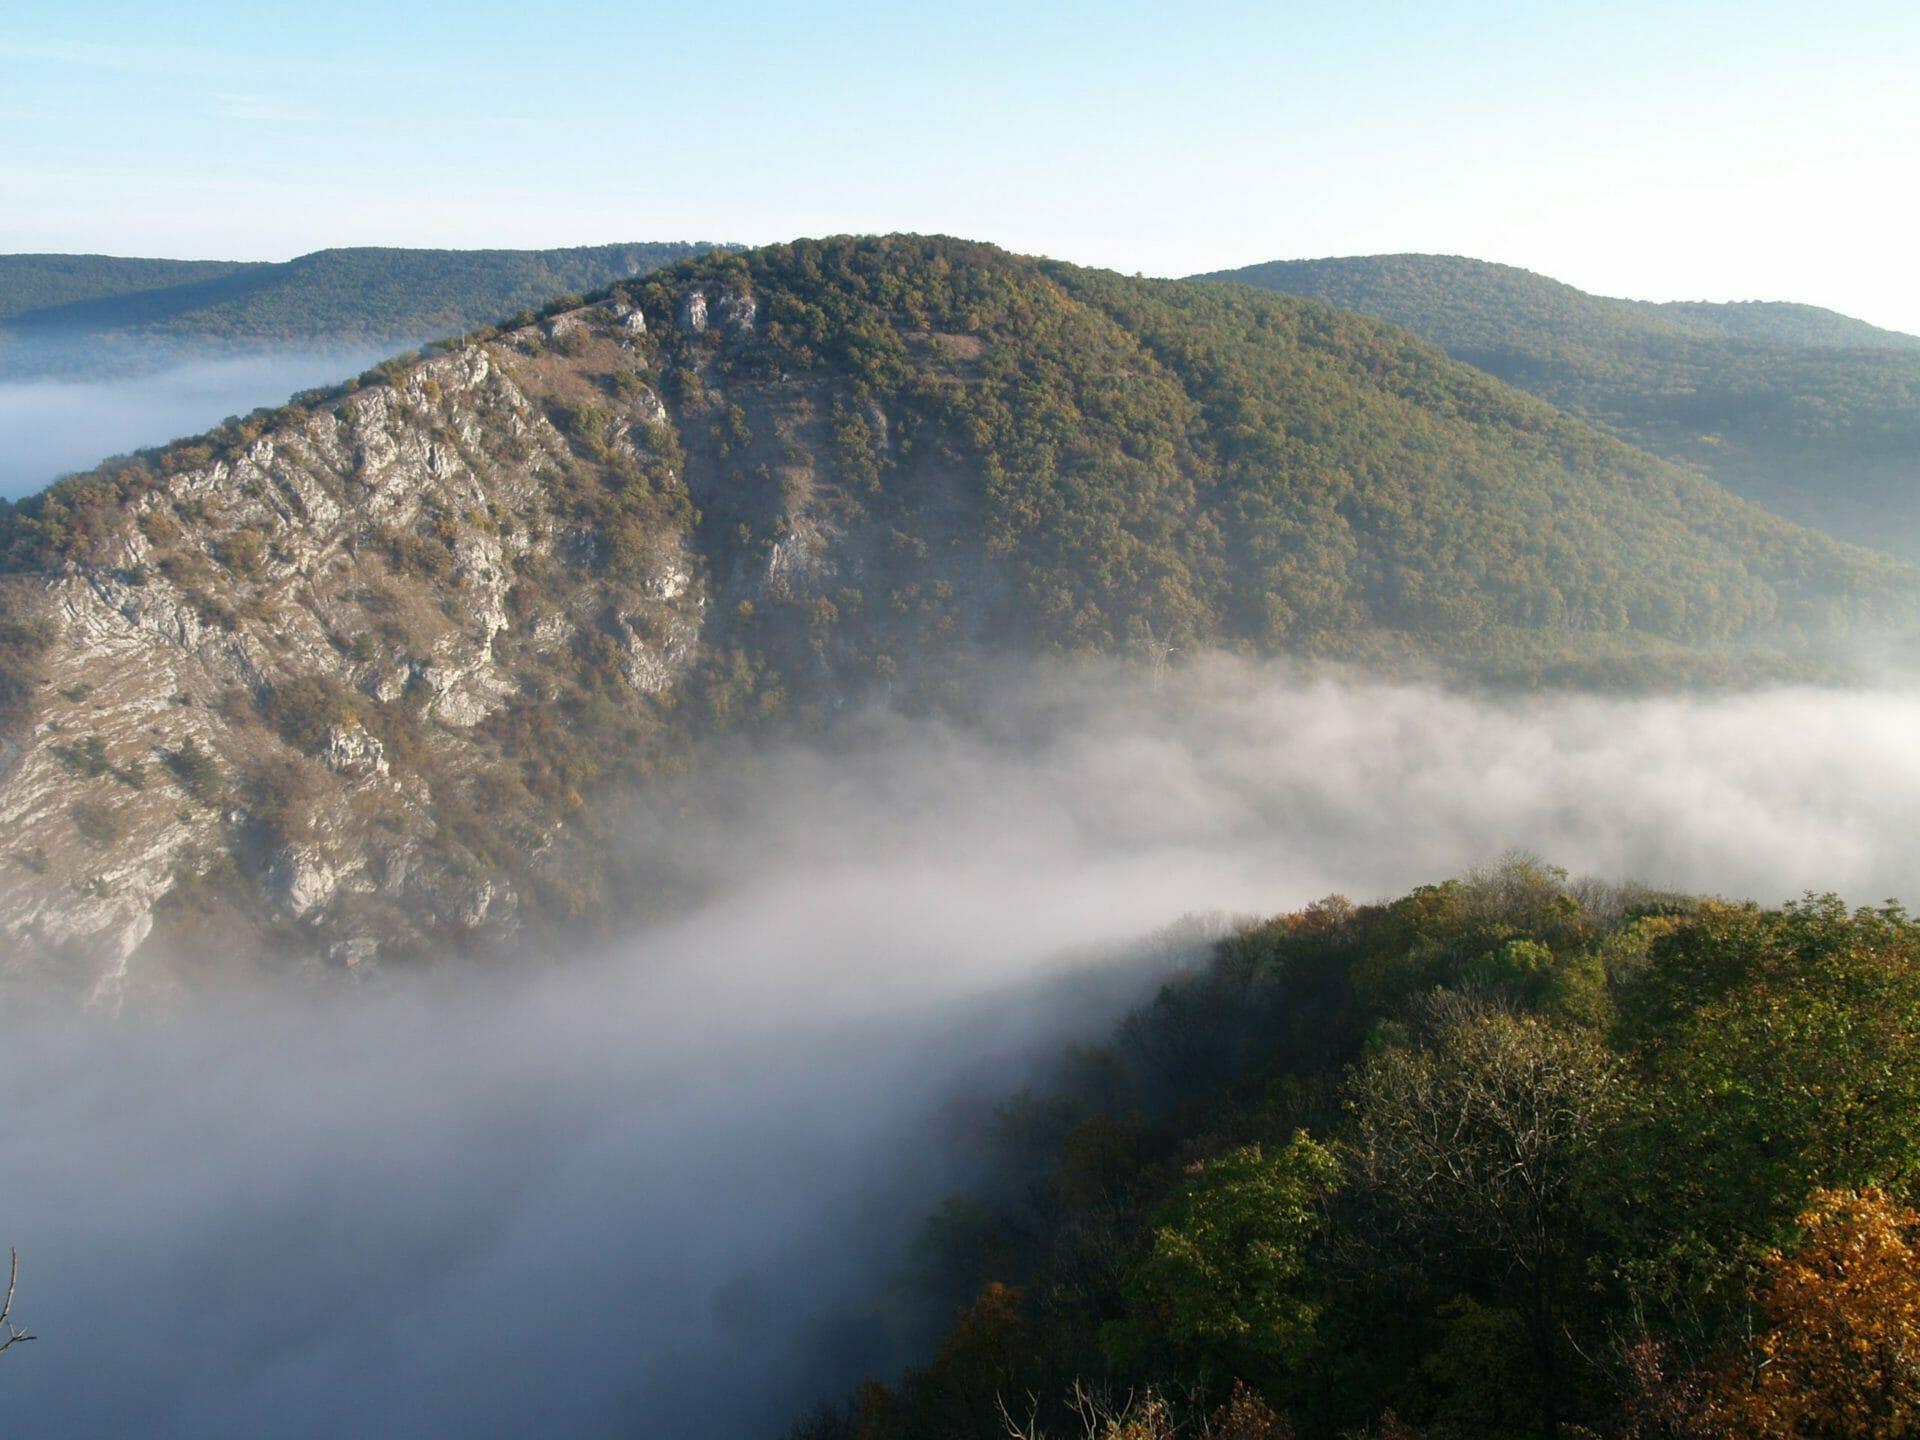 Upponyi-hegység, Bükk